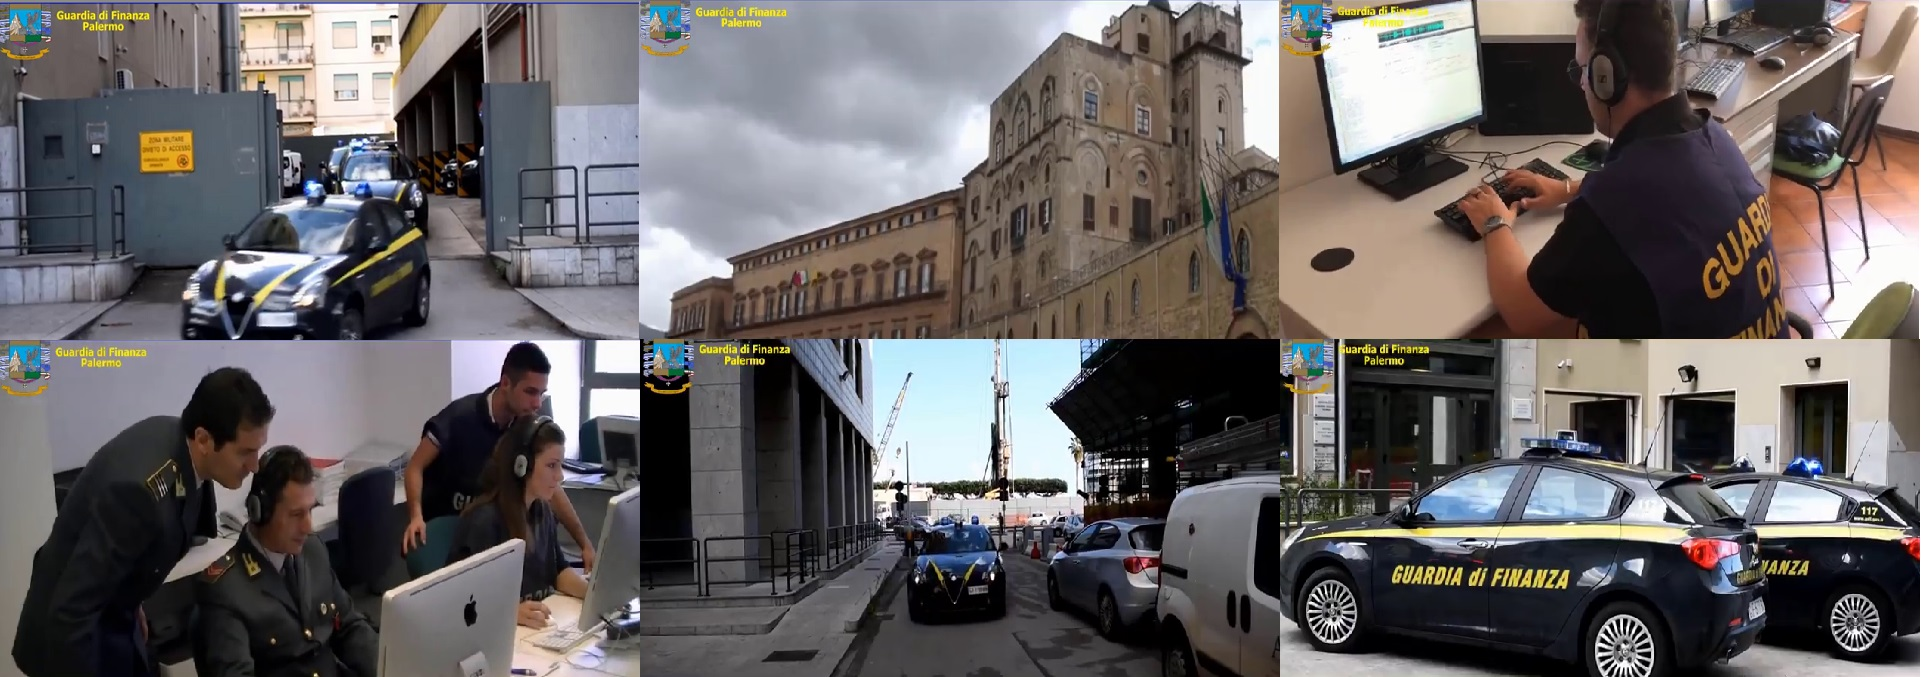 La Guardia di Finanza di Palermo ha conseguentemente sequestrato 489 mila euro